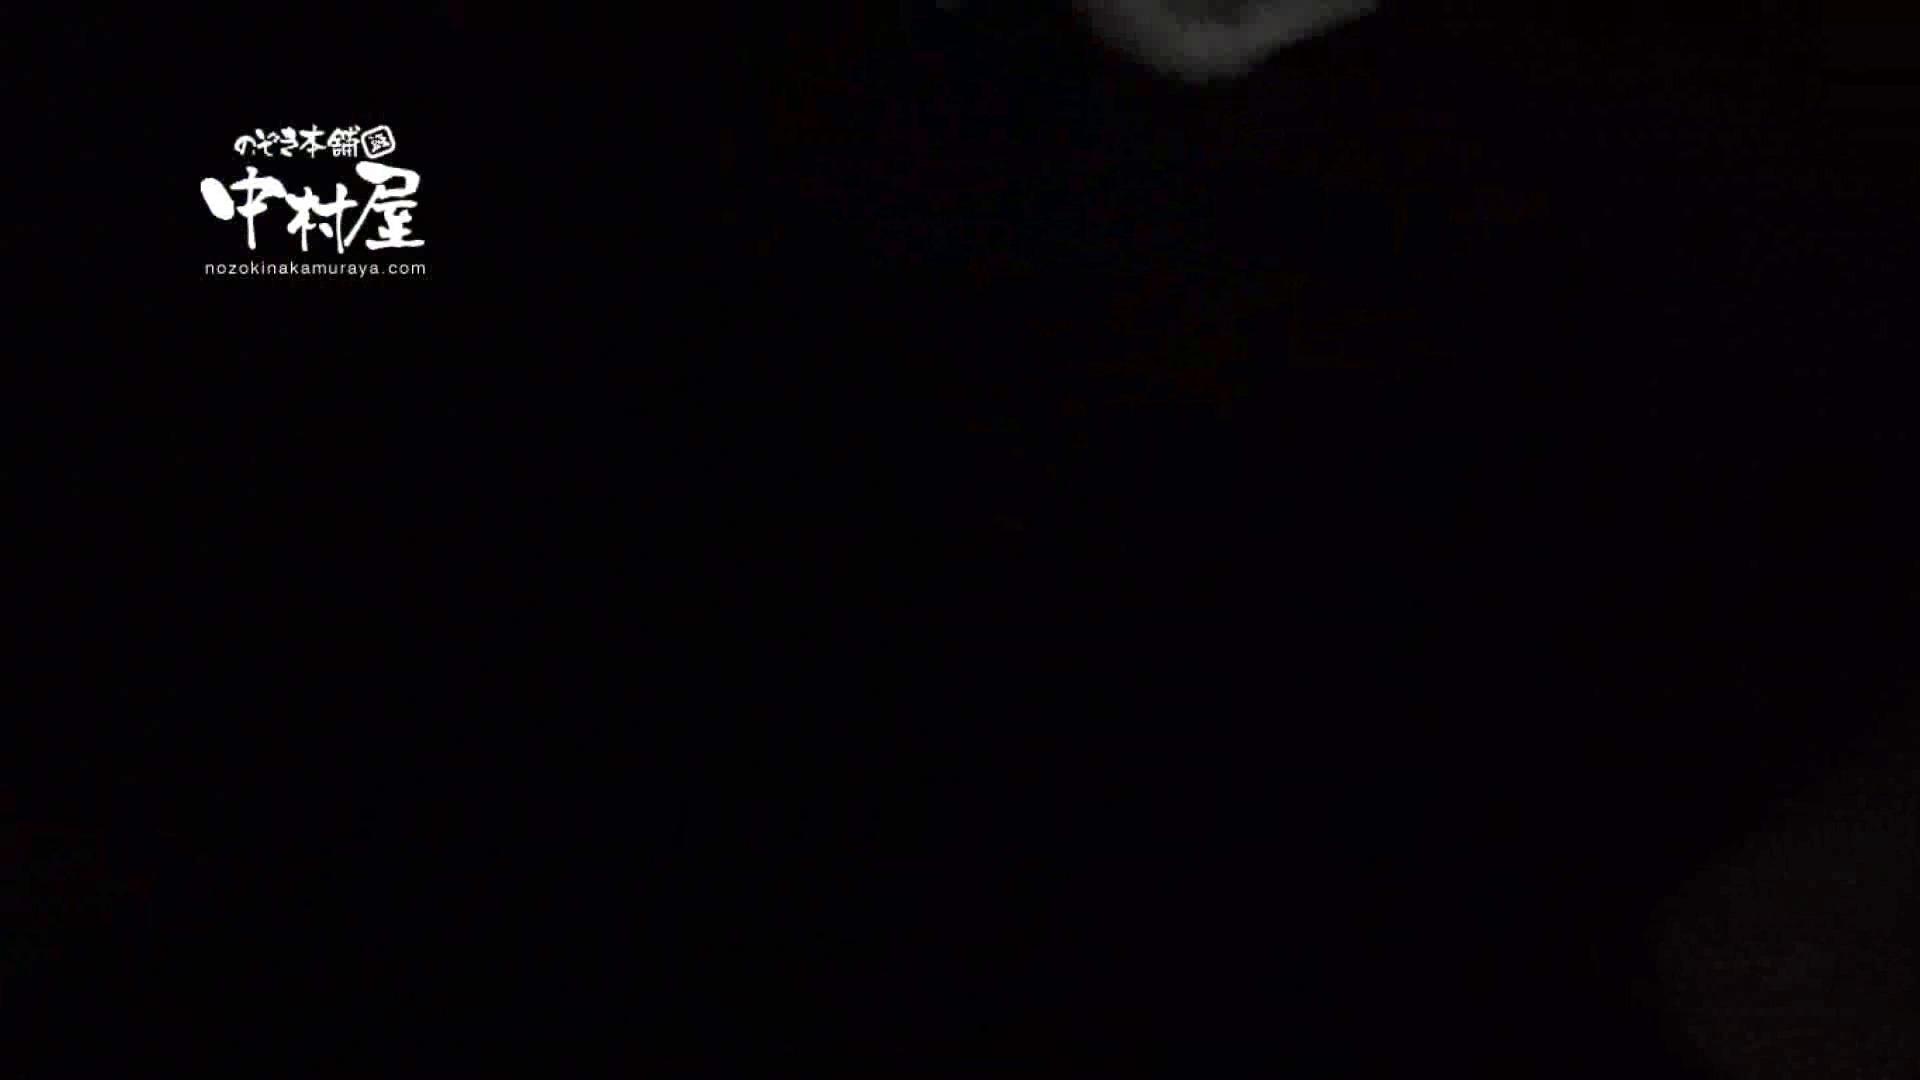 鬼畜 vol.09 無慈悲!中出し爆乳! 前編 鬼畜 性交動画流出 91連発 31